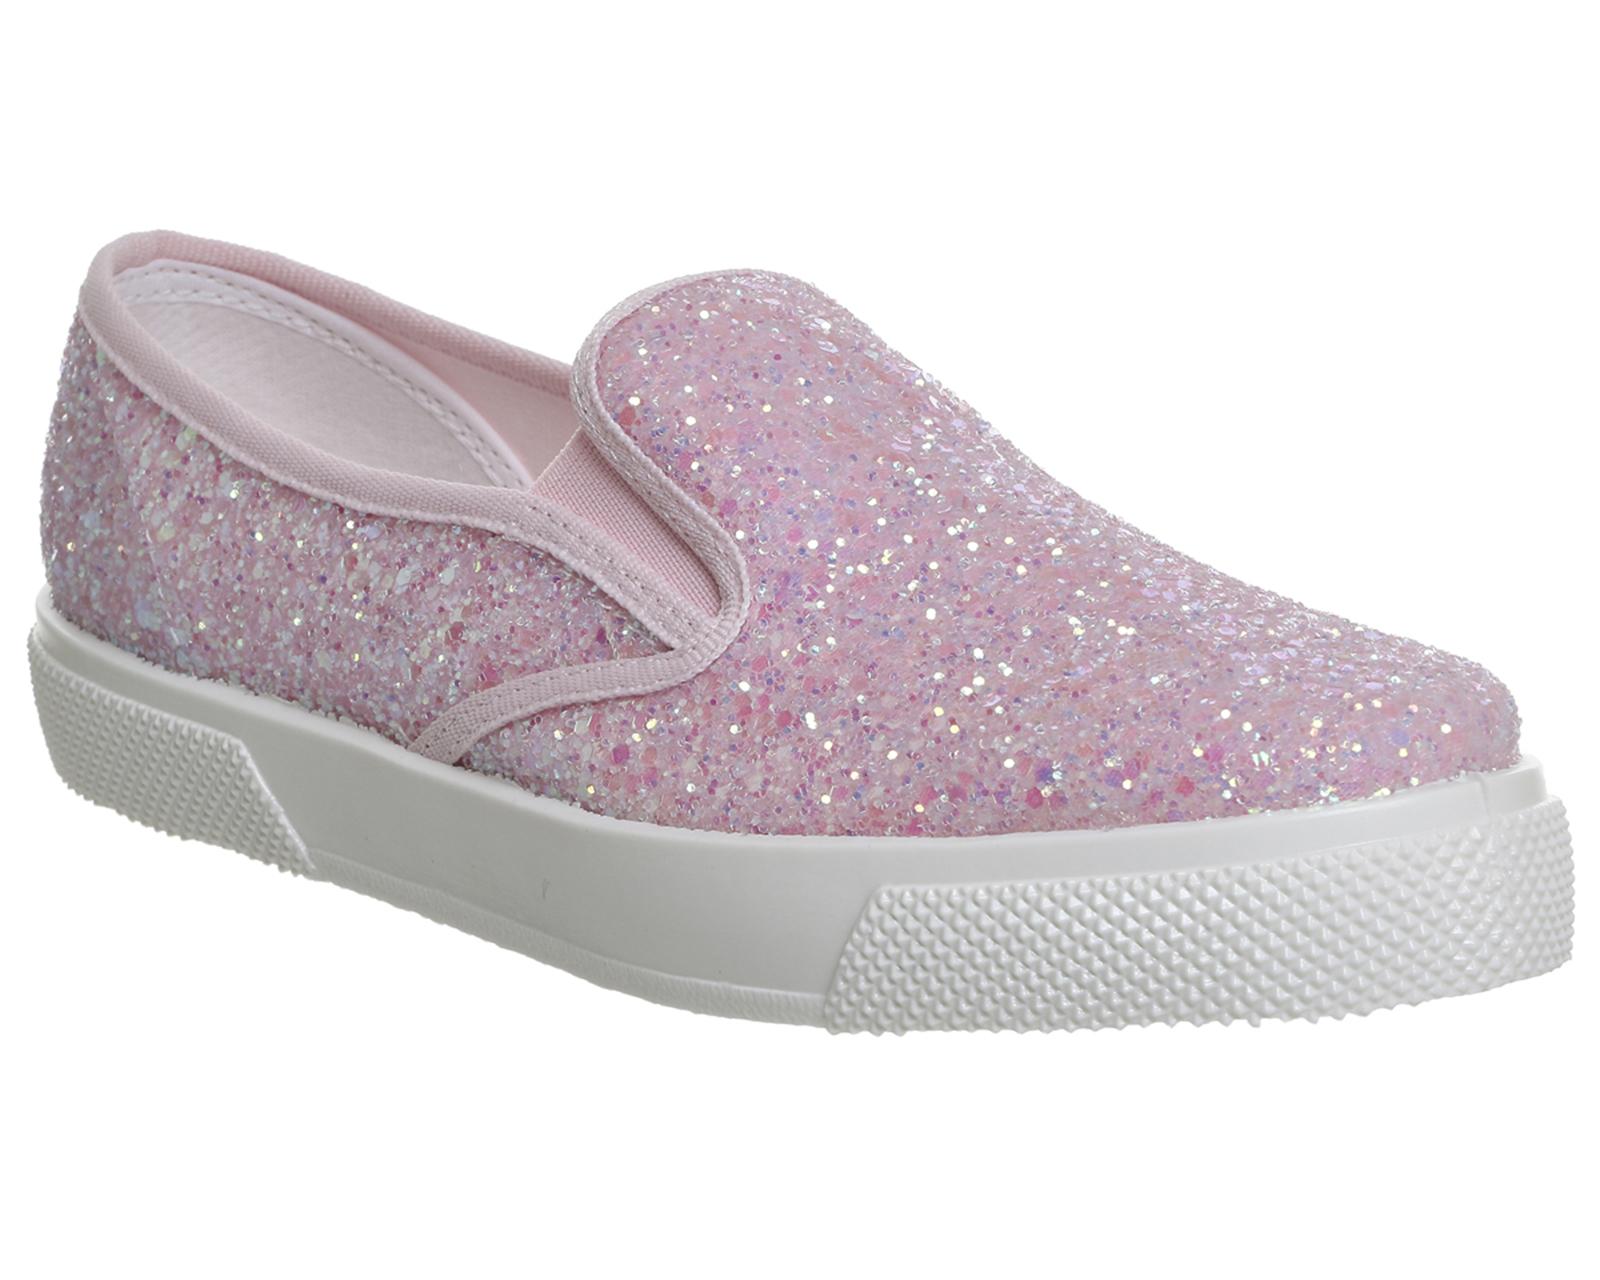 Office Shoes No Laces